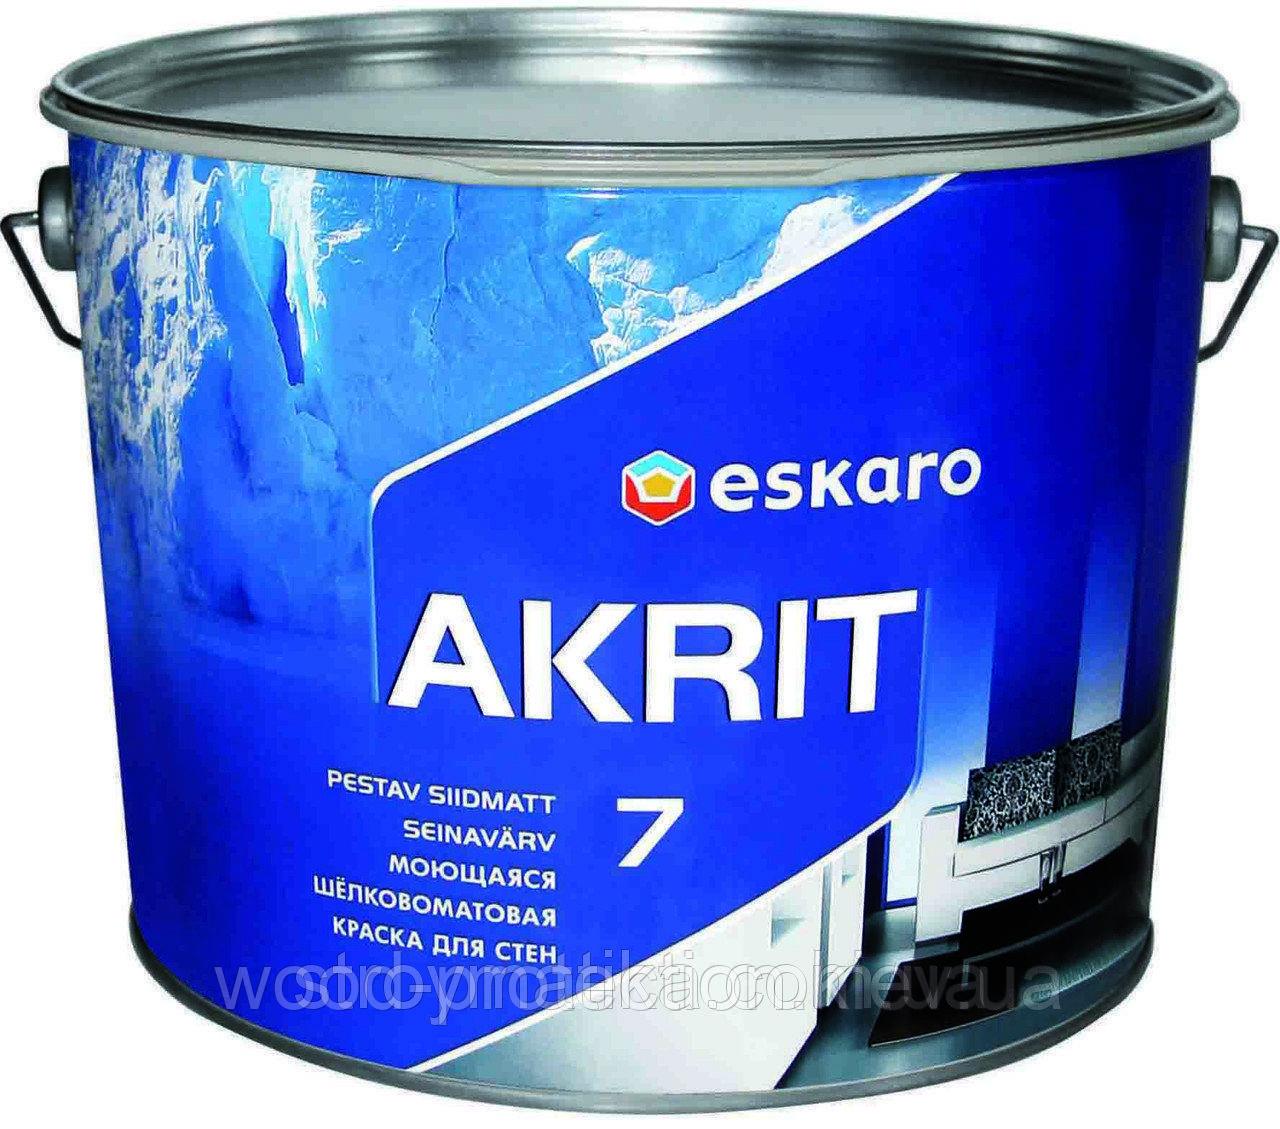 Eskaro Akrit 7 фарба для використання в приміщеннях з підвищеною вологістю (шовково-матова) 2,85 л.